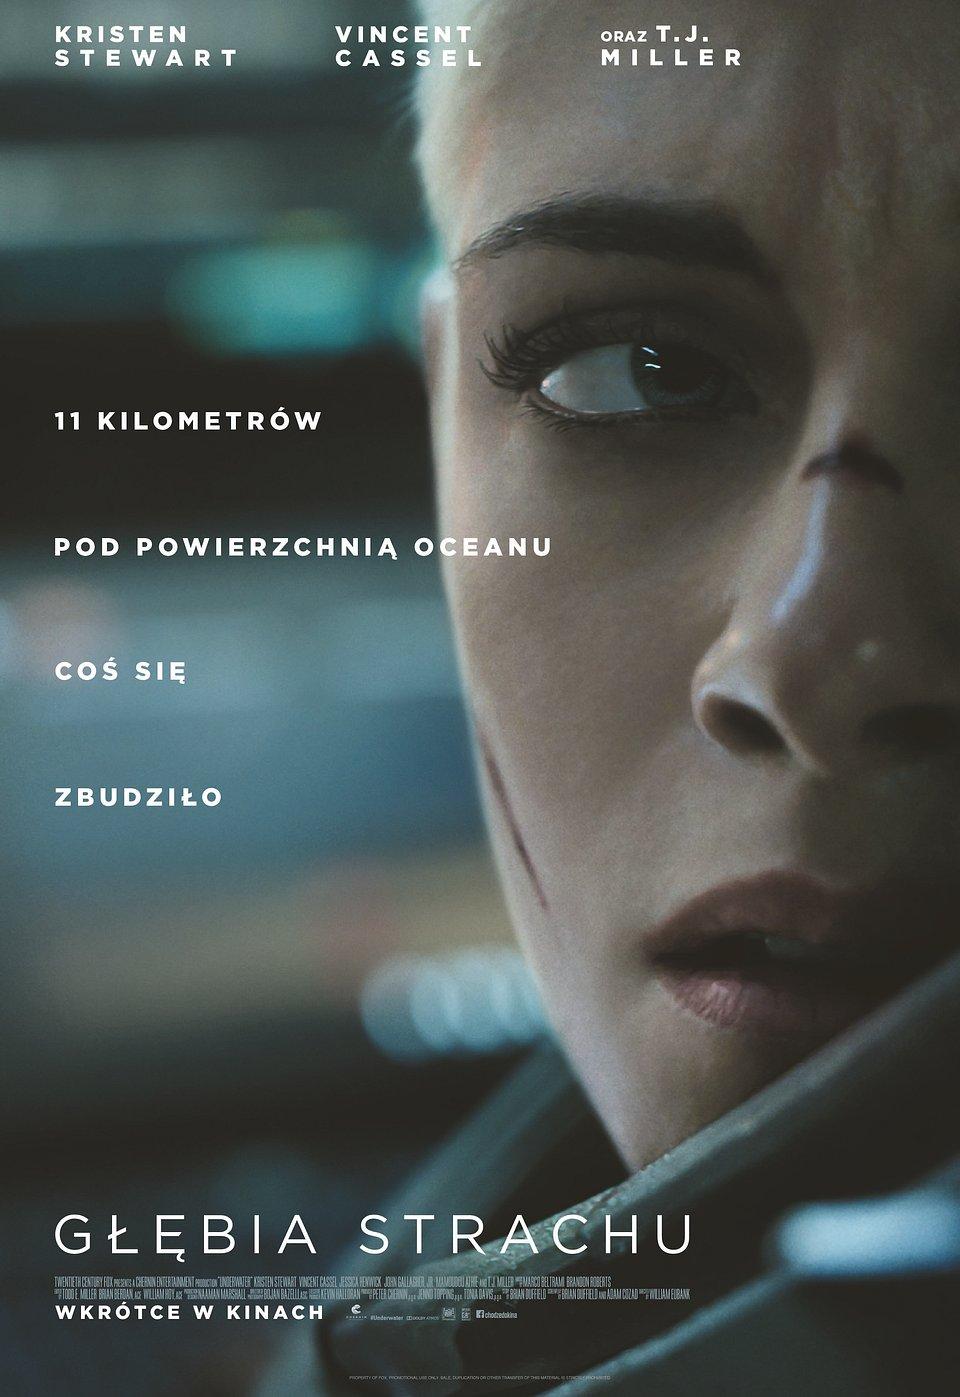 Głębia strachu_Underwater_B1 2019.jpg